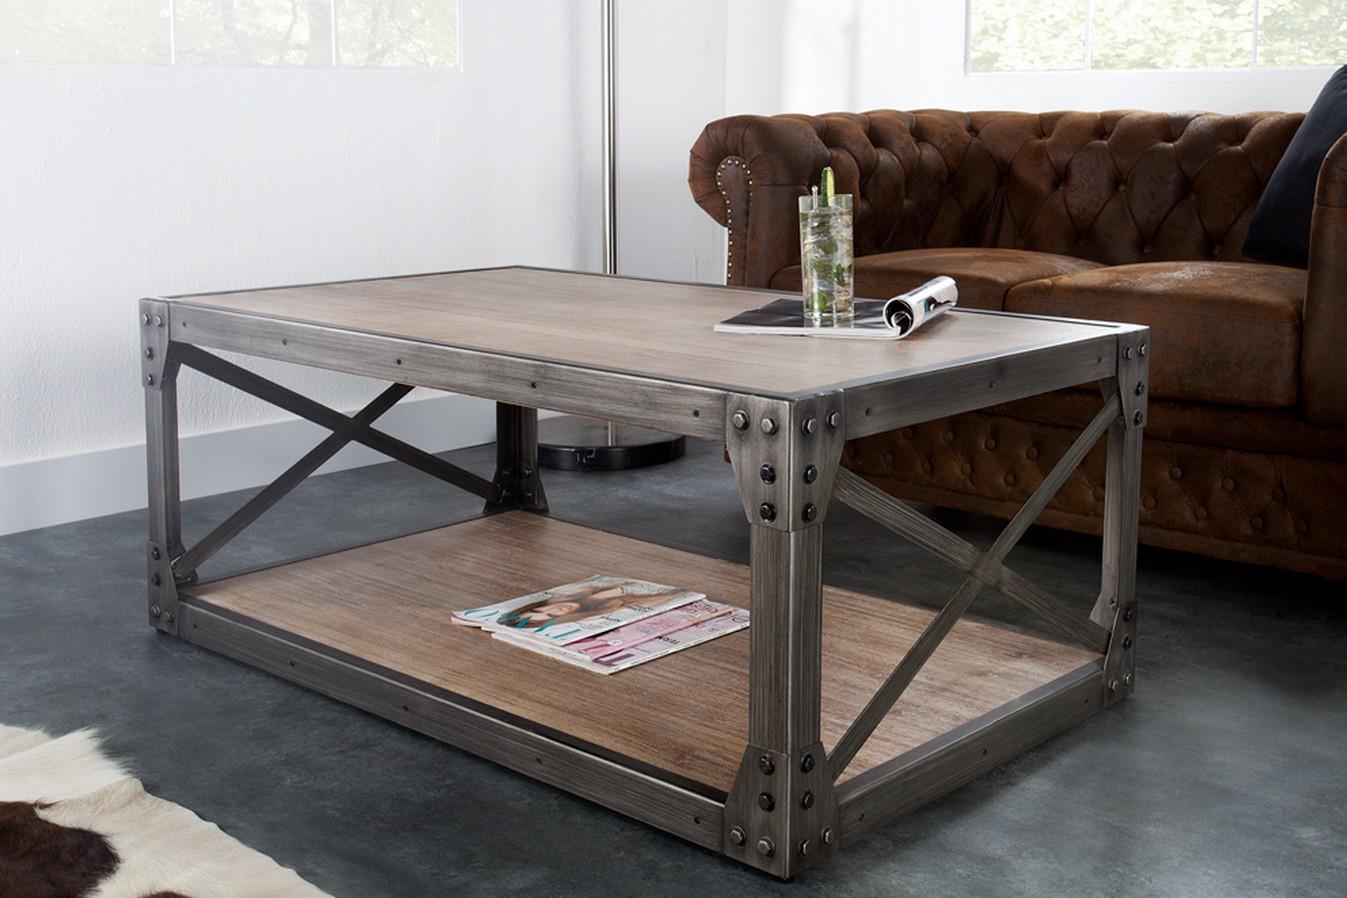 Table basse bois massif pas cher